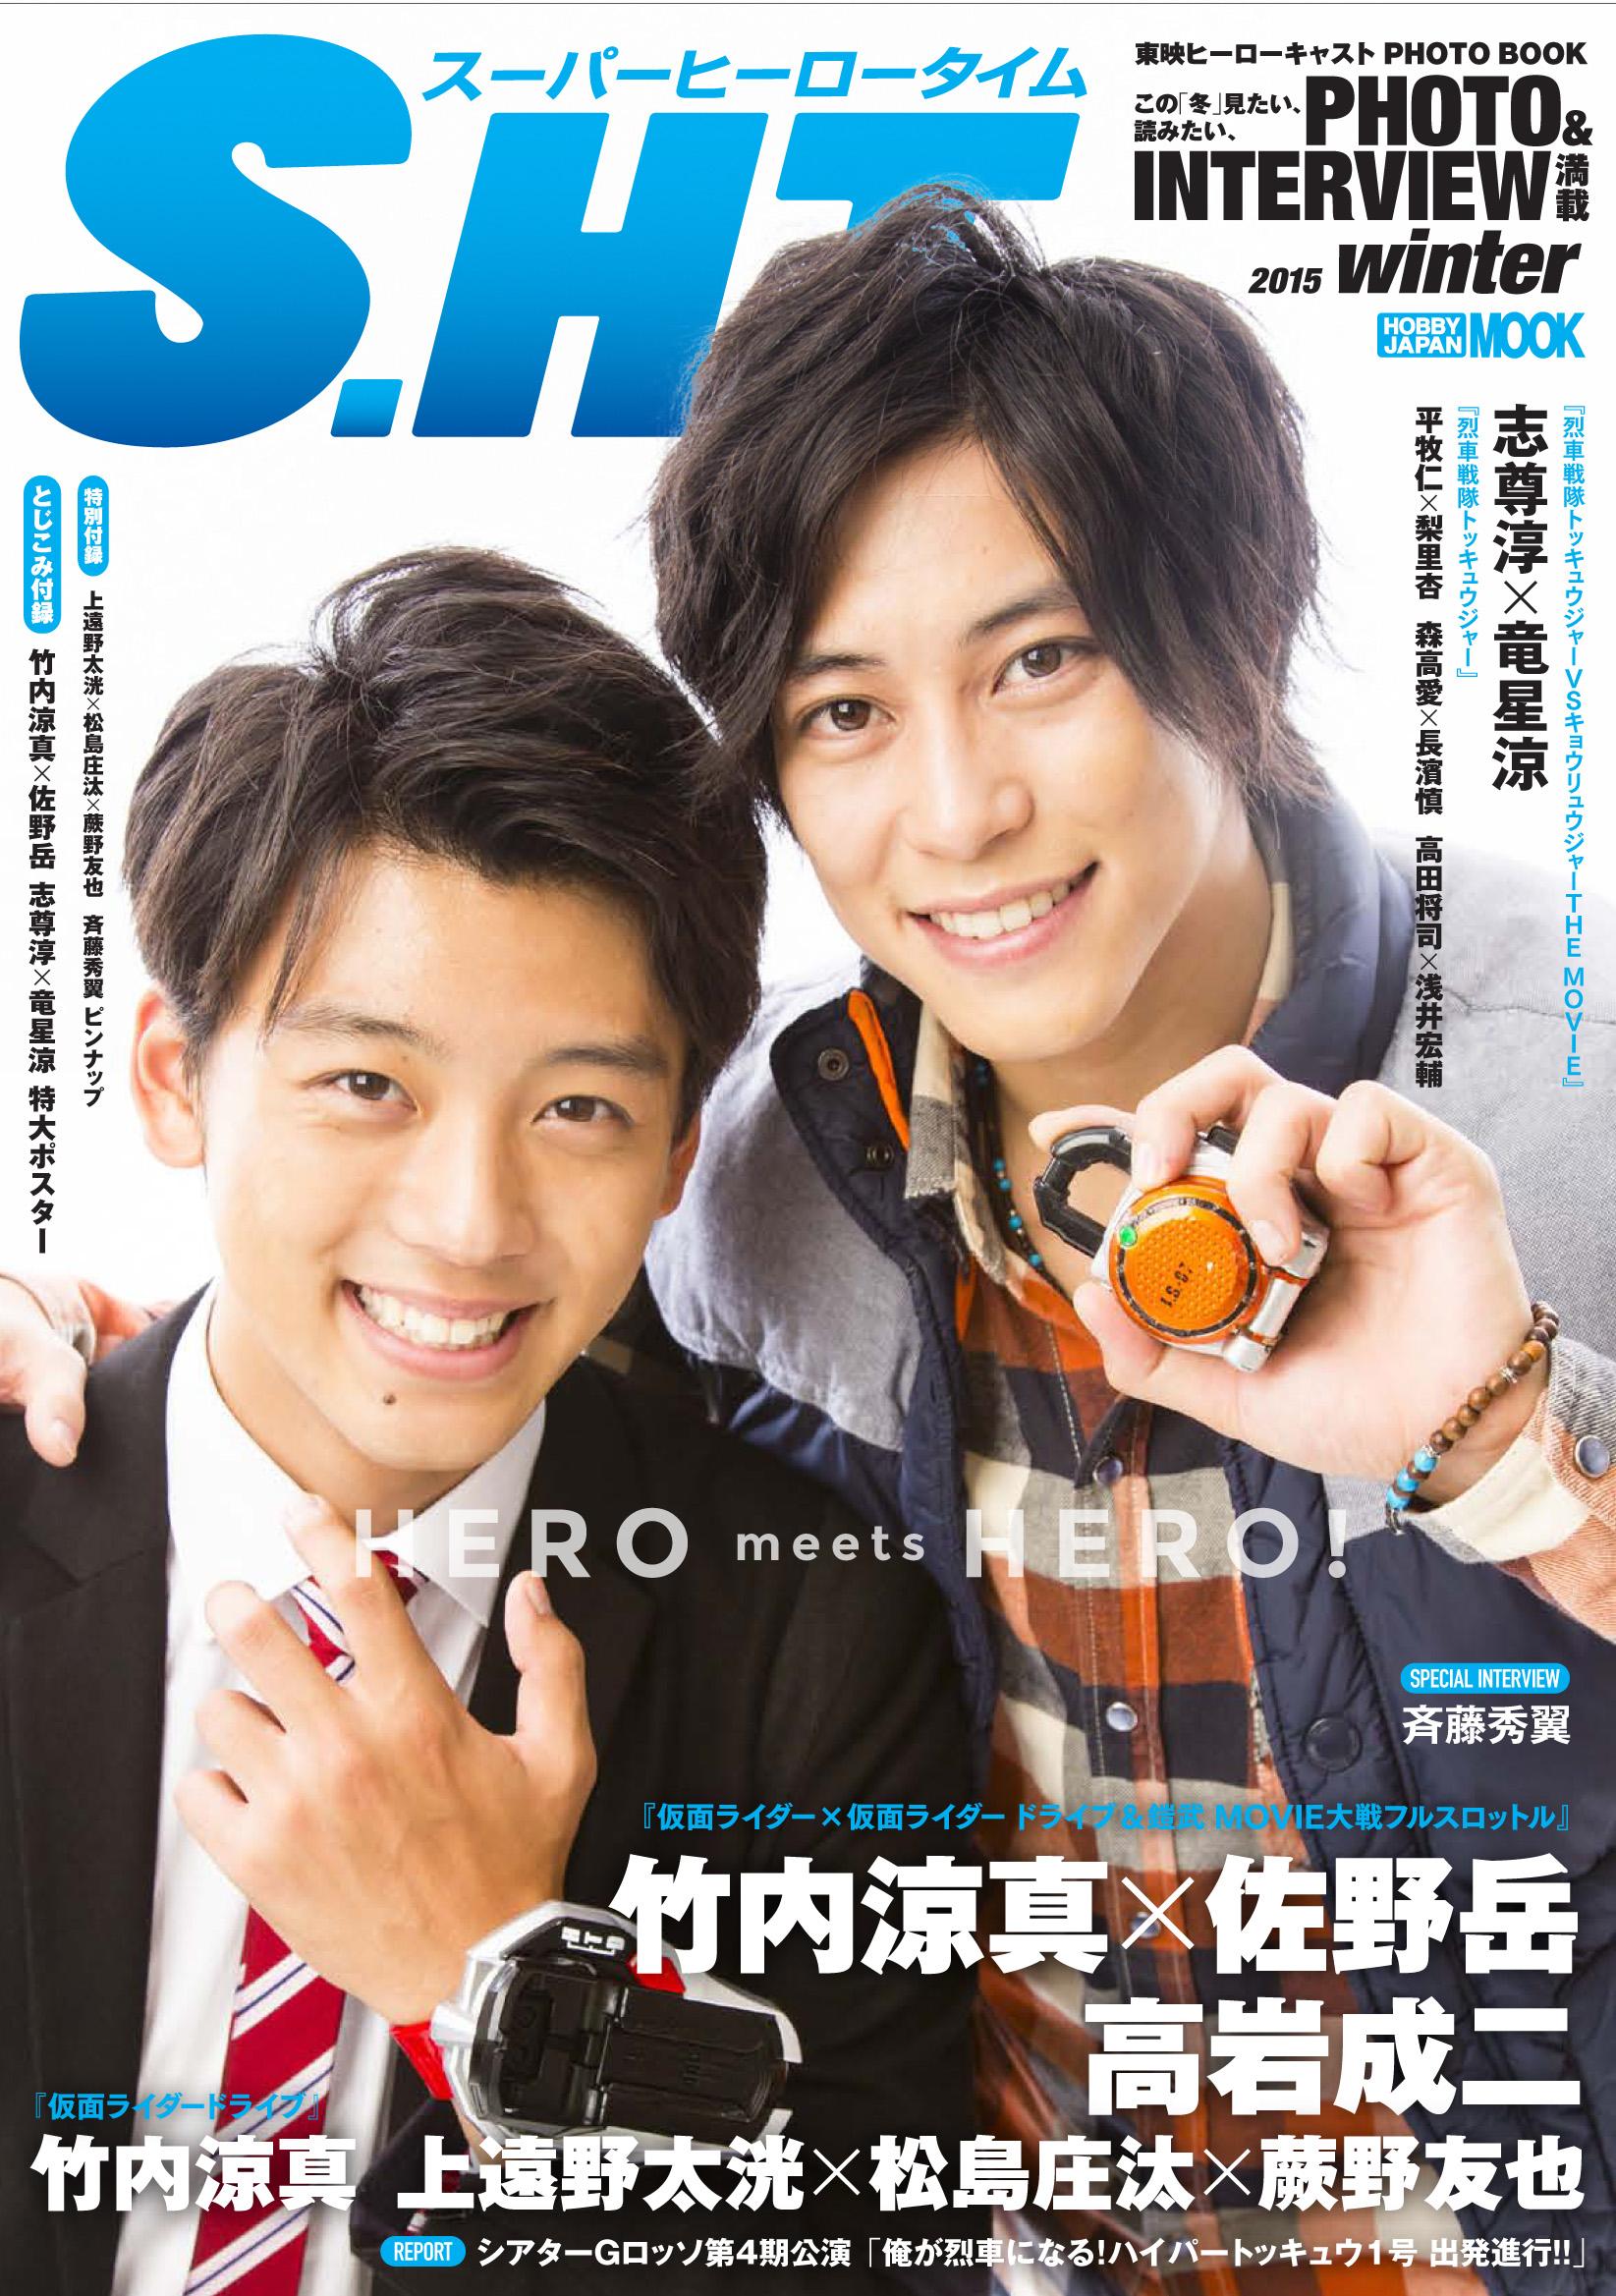 東映ヒーローキャスト PHOTOBOOK S.H.T. (スーパーヒーロータイム) 2015 winter 12月6日(土)発売